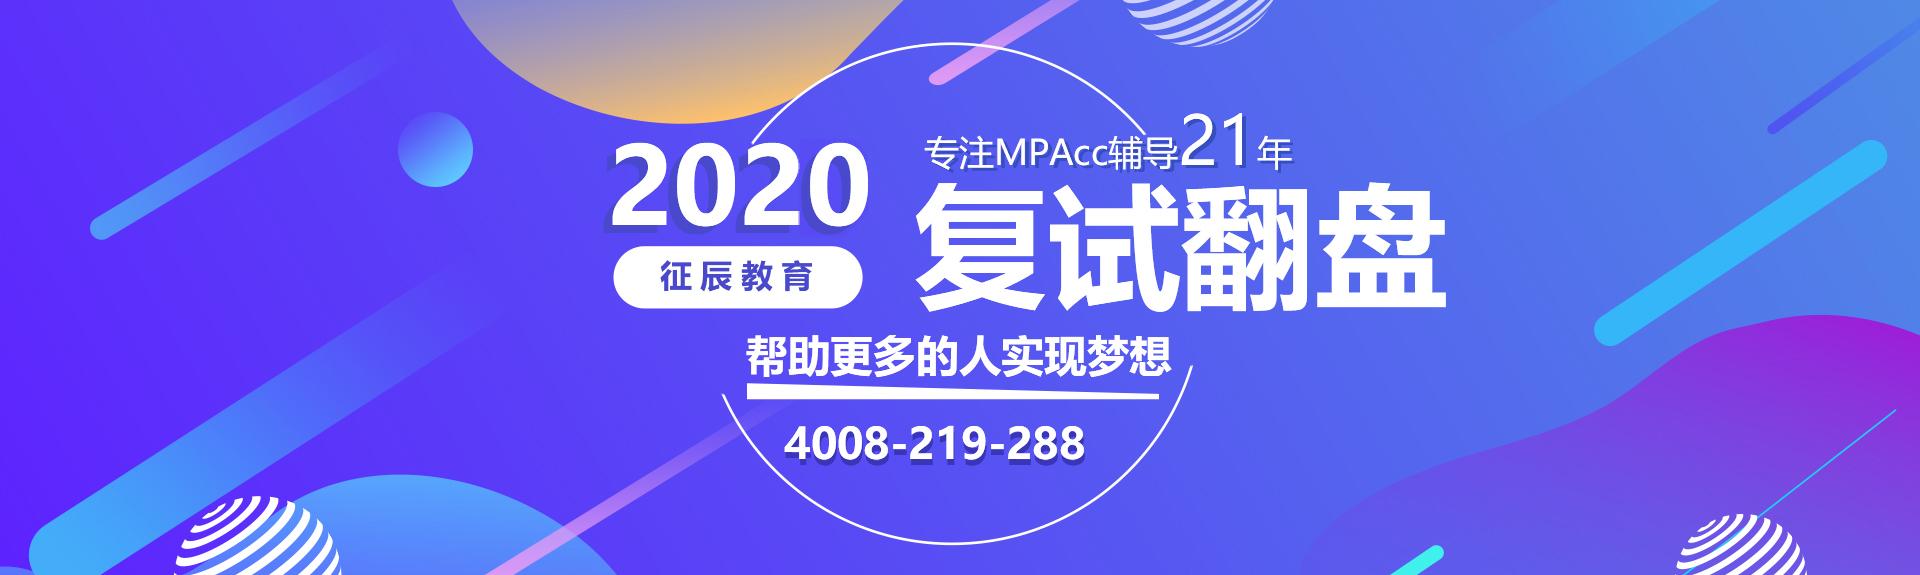 2021MPAcc复试专题-上海征辰总校